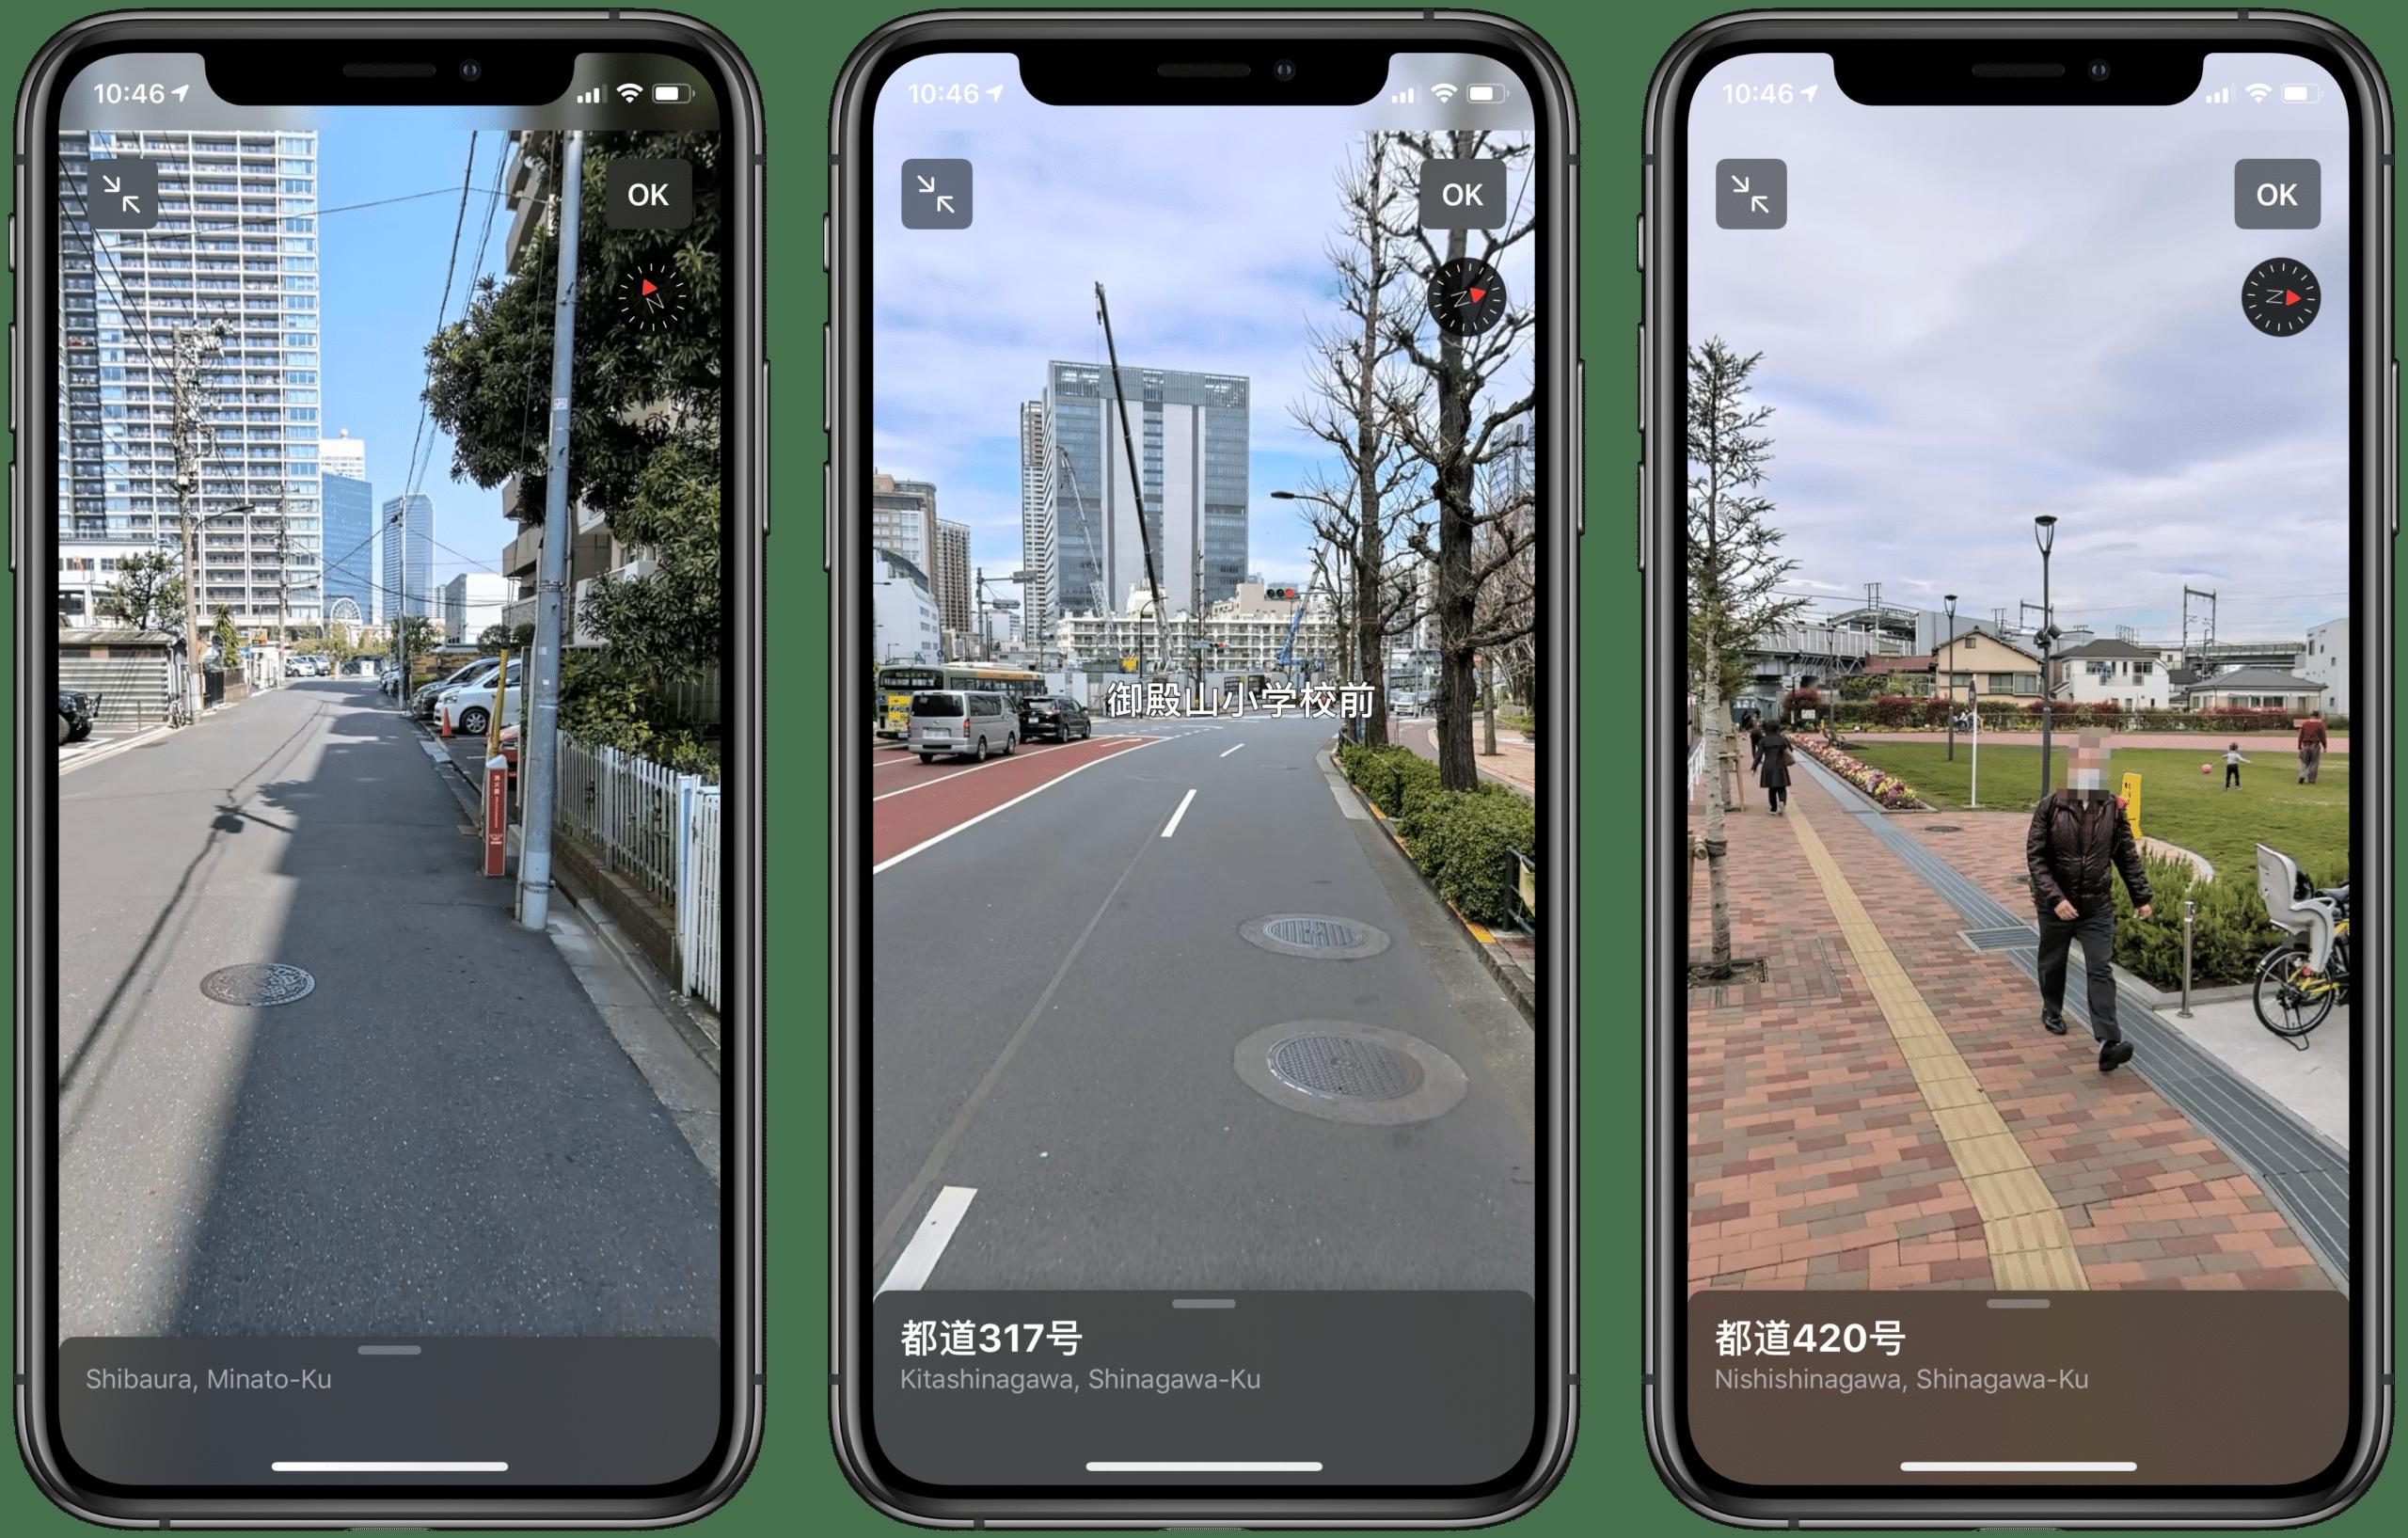 Recurso Olhe ao Redor em Tóquio